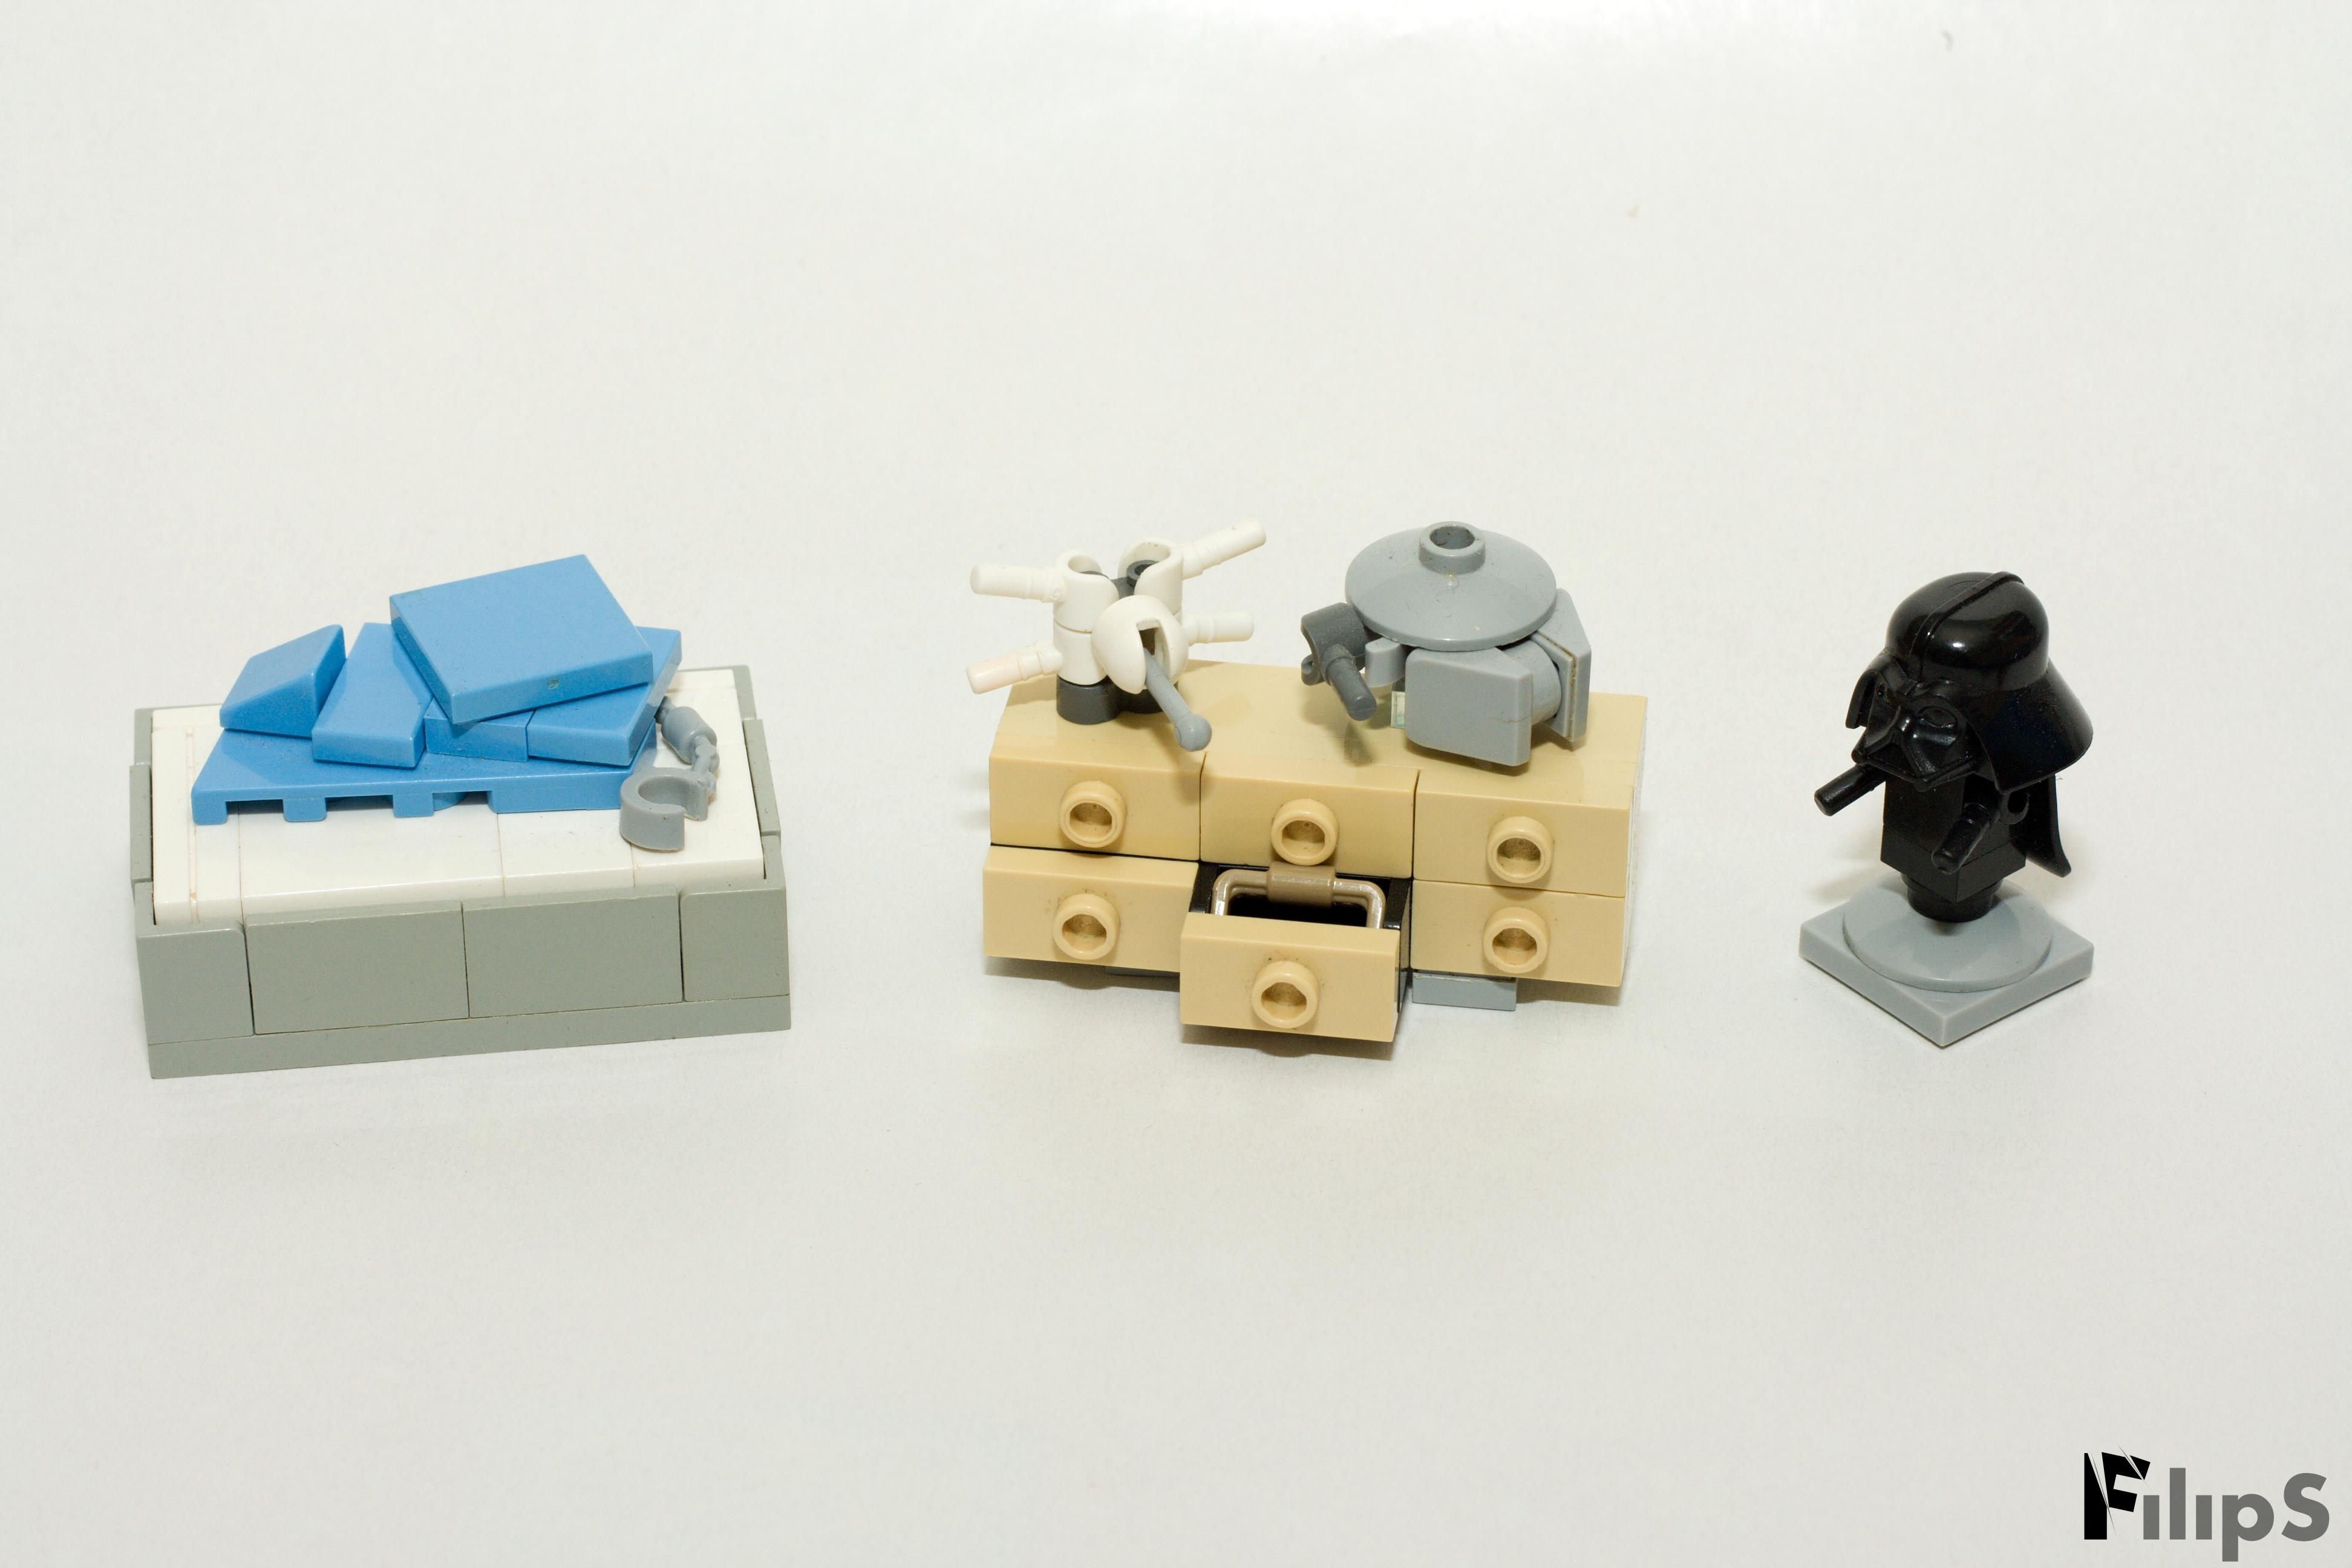 hintergrundbilder : nerd, star, aussenseiter, lego, möbel, zimmer